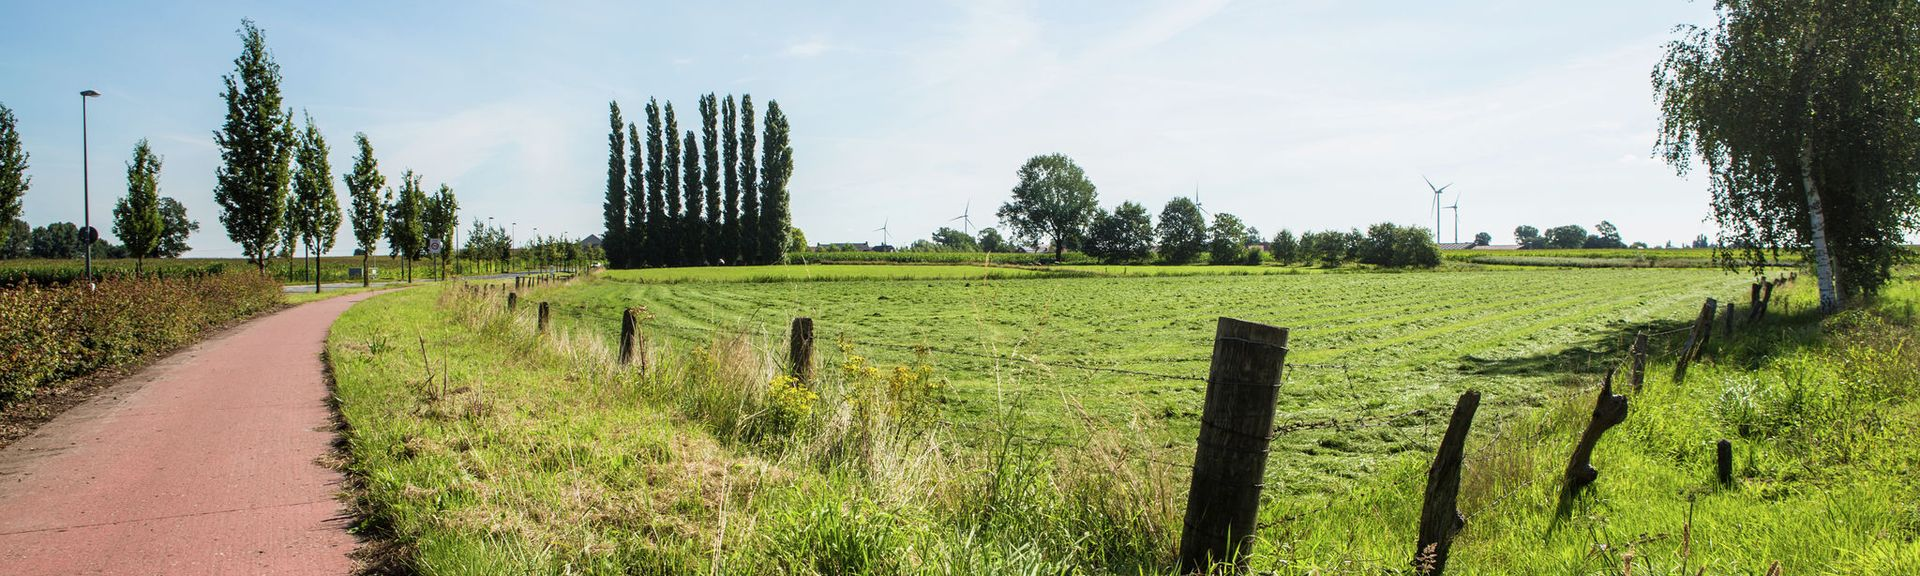 Malle, Vlaanderen, BE